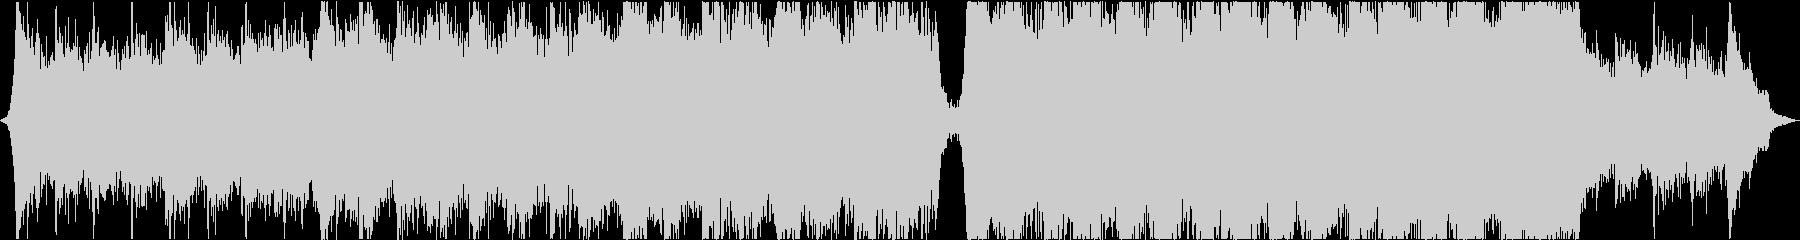 エピックアドベンチャーオーケストラの未再生の波形